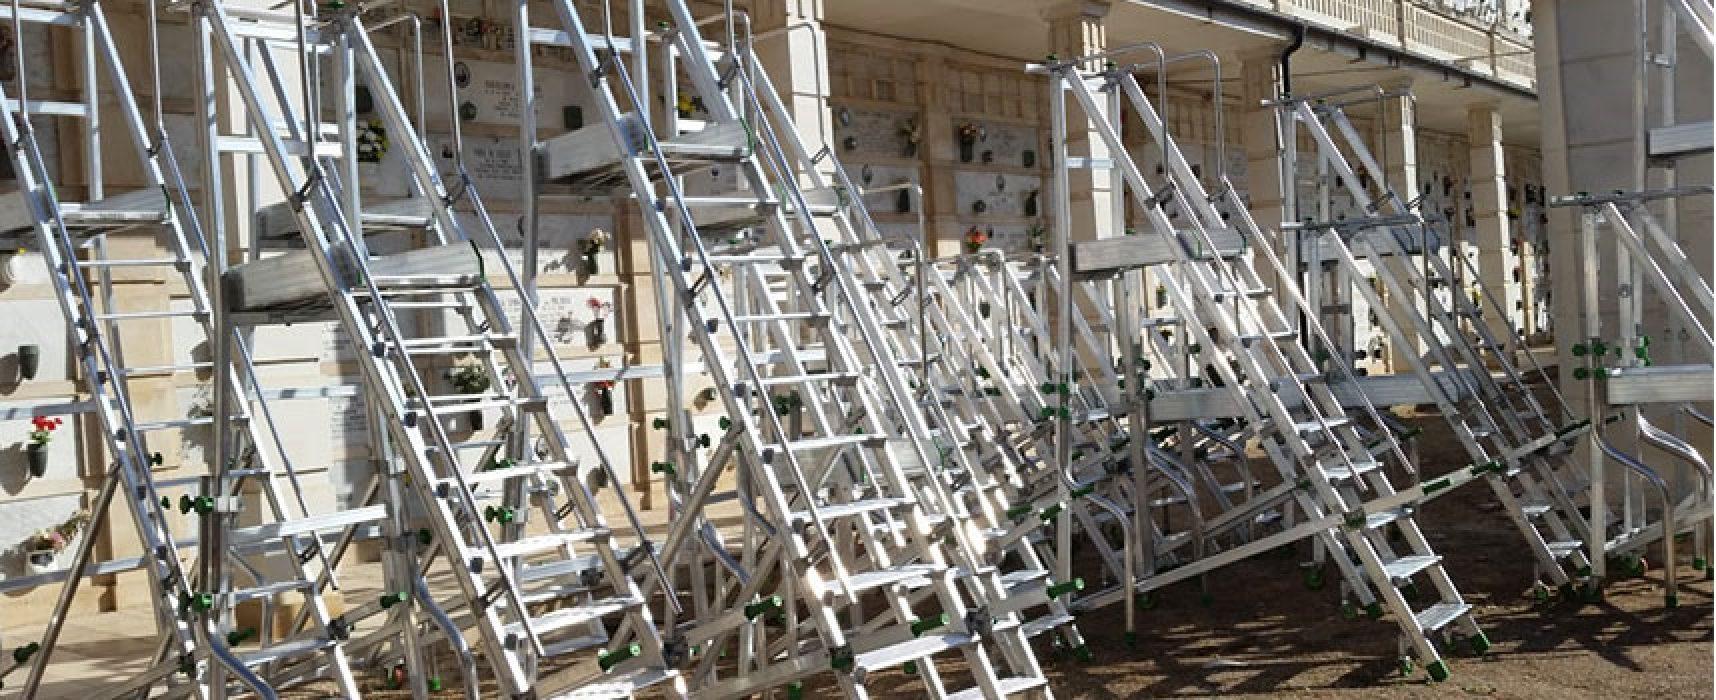 Effettuati lavori di manutenzione al cimitero comunale, acquistate 50 nuove scale